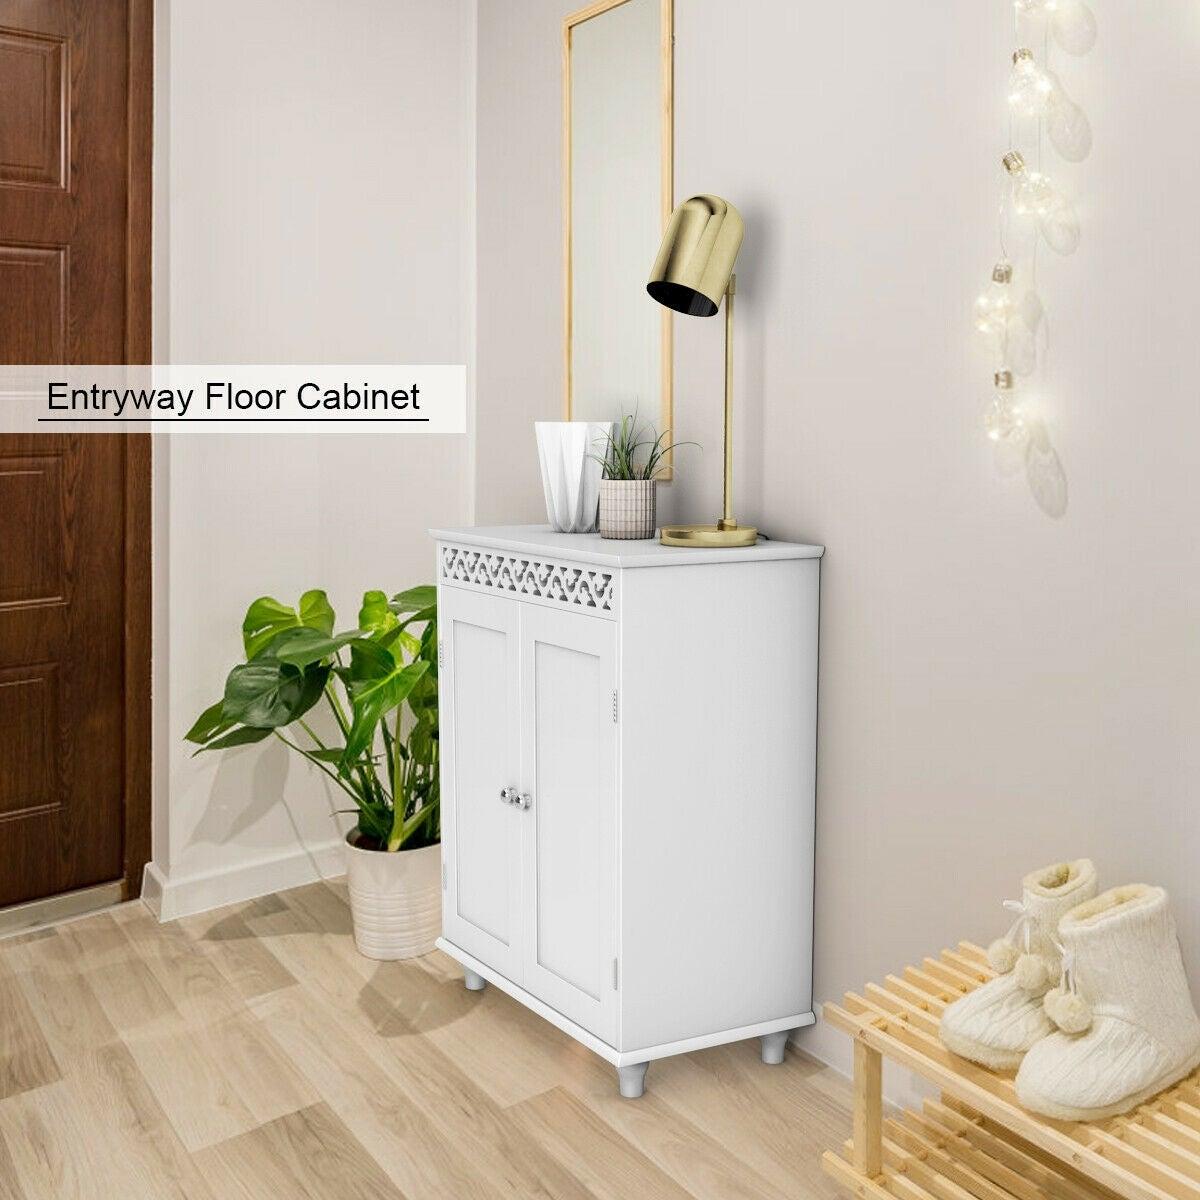 Gymax White Wooden 2 Door Bathroom